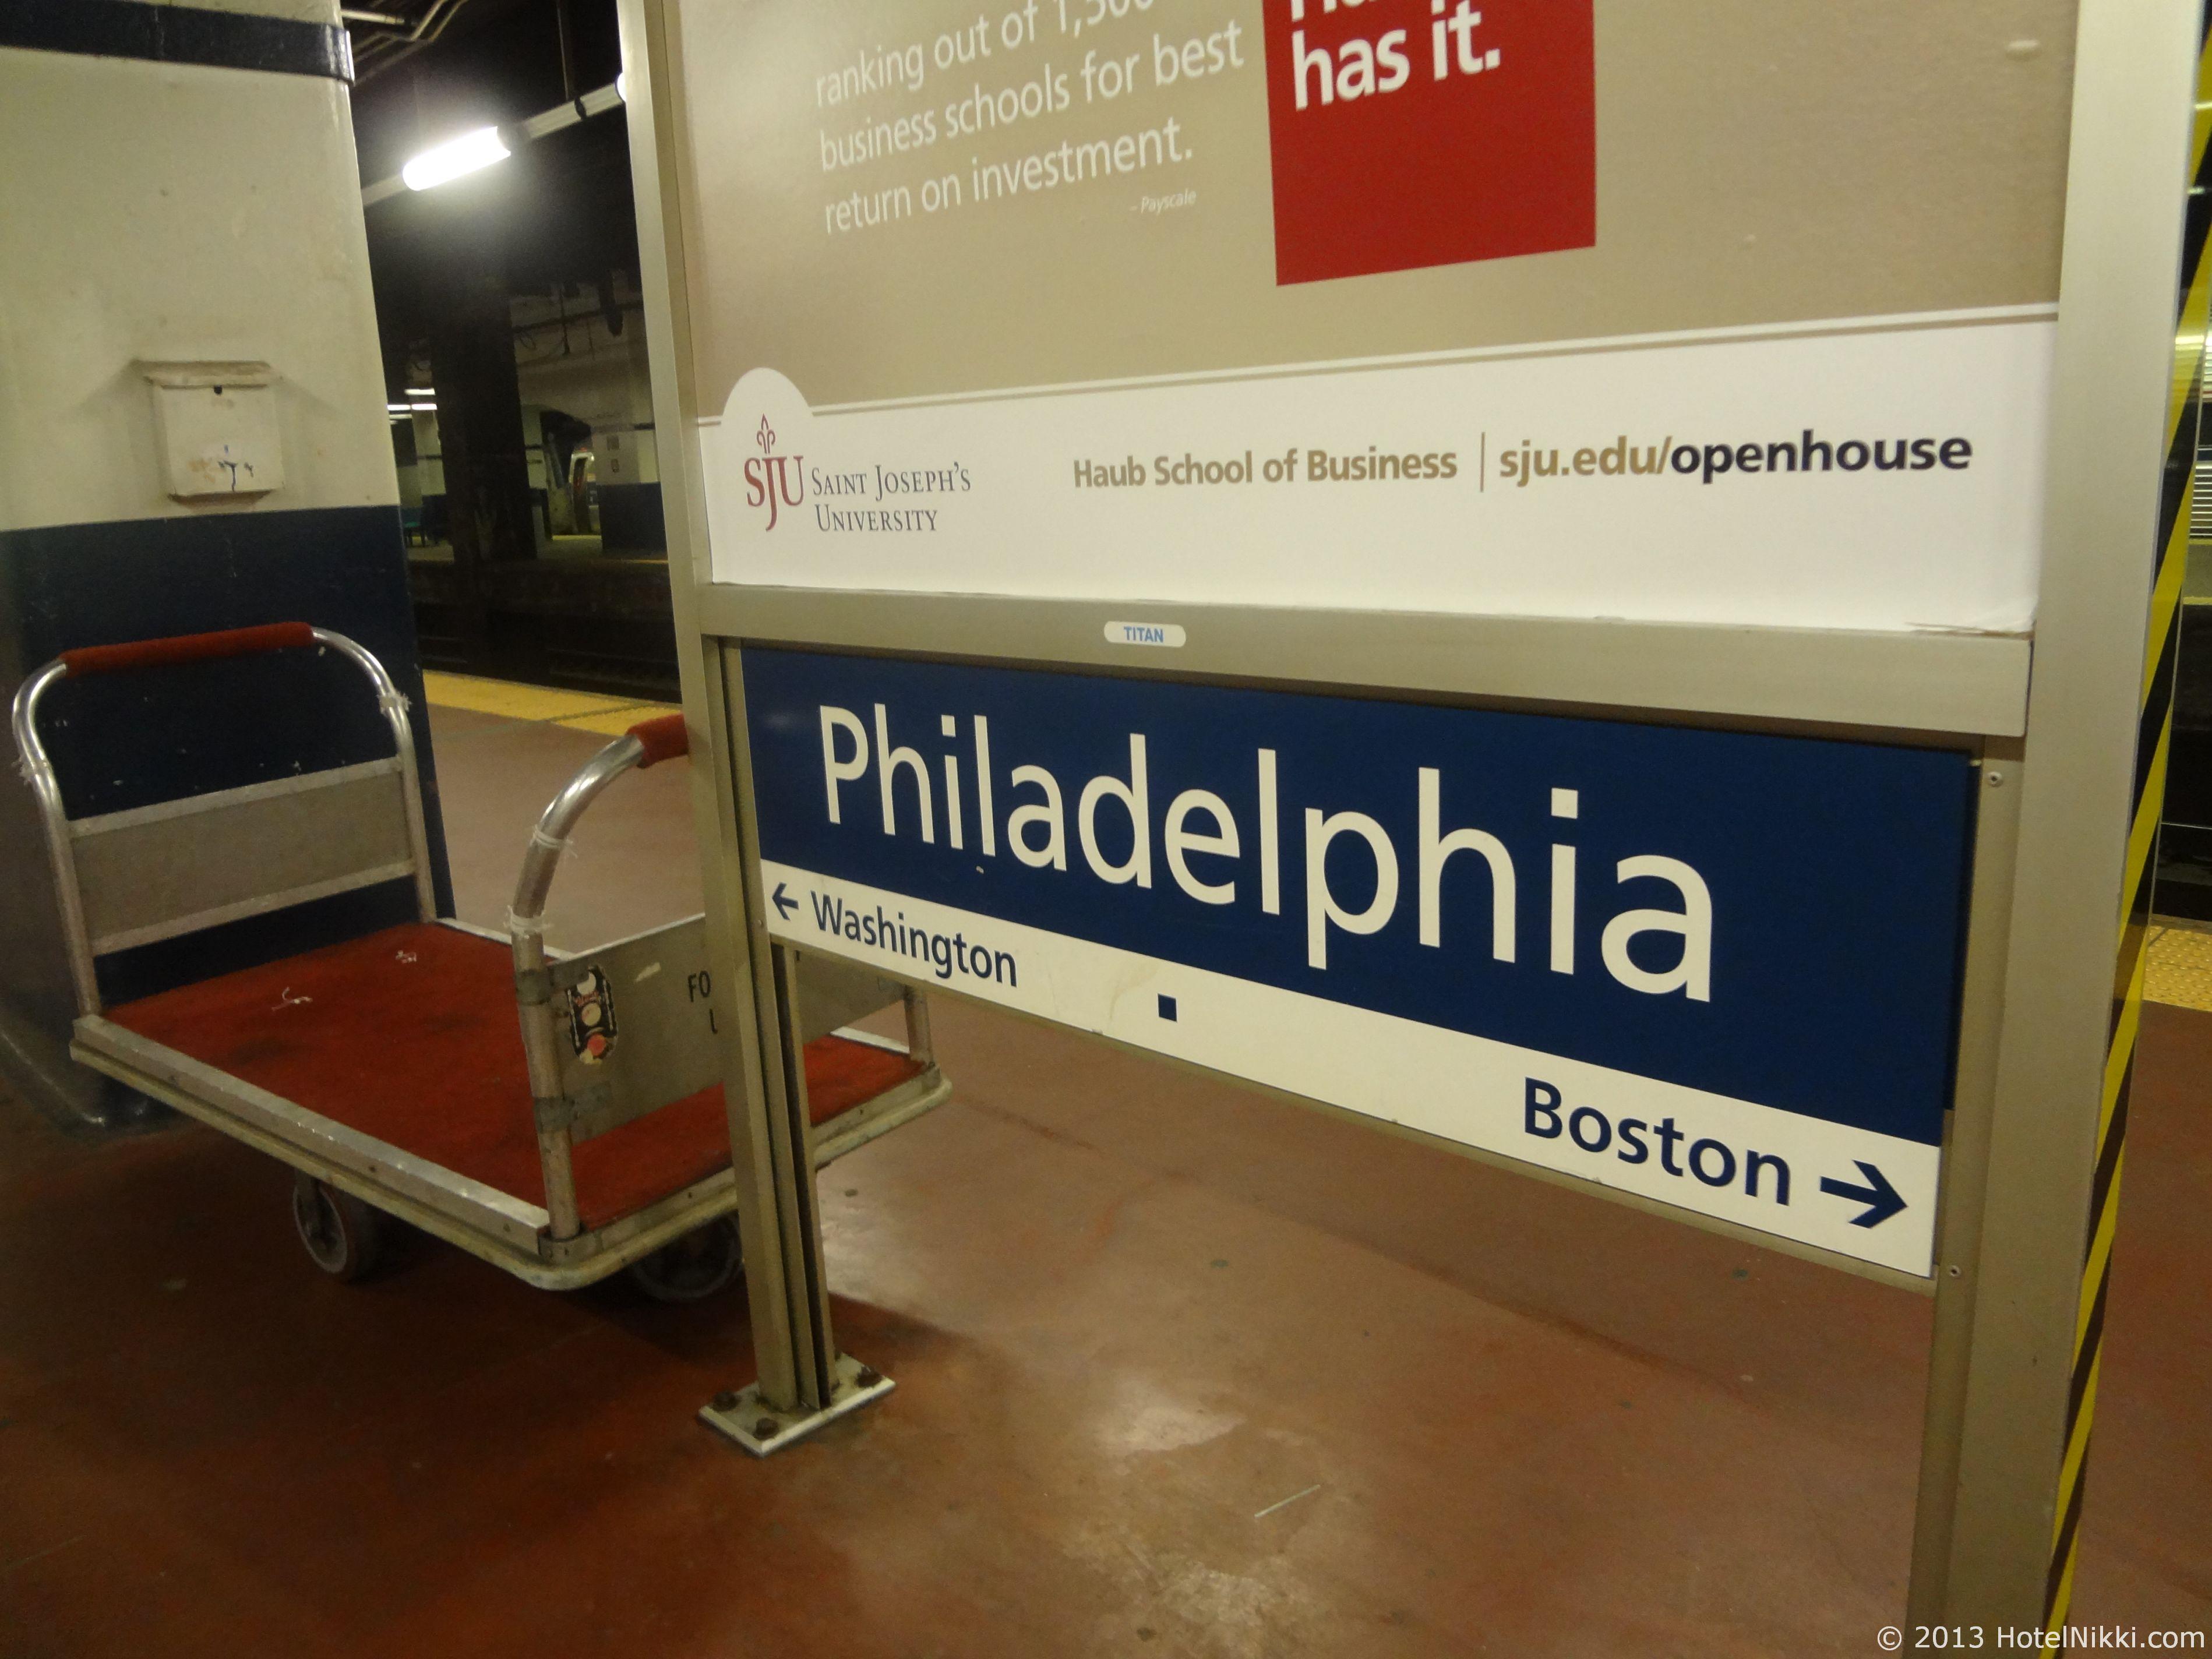 フィラデルフィア日帰り旅行 フィラデルフィア駅